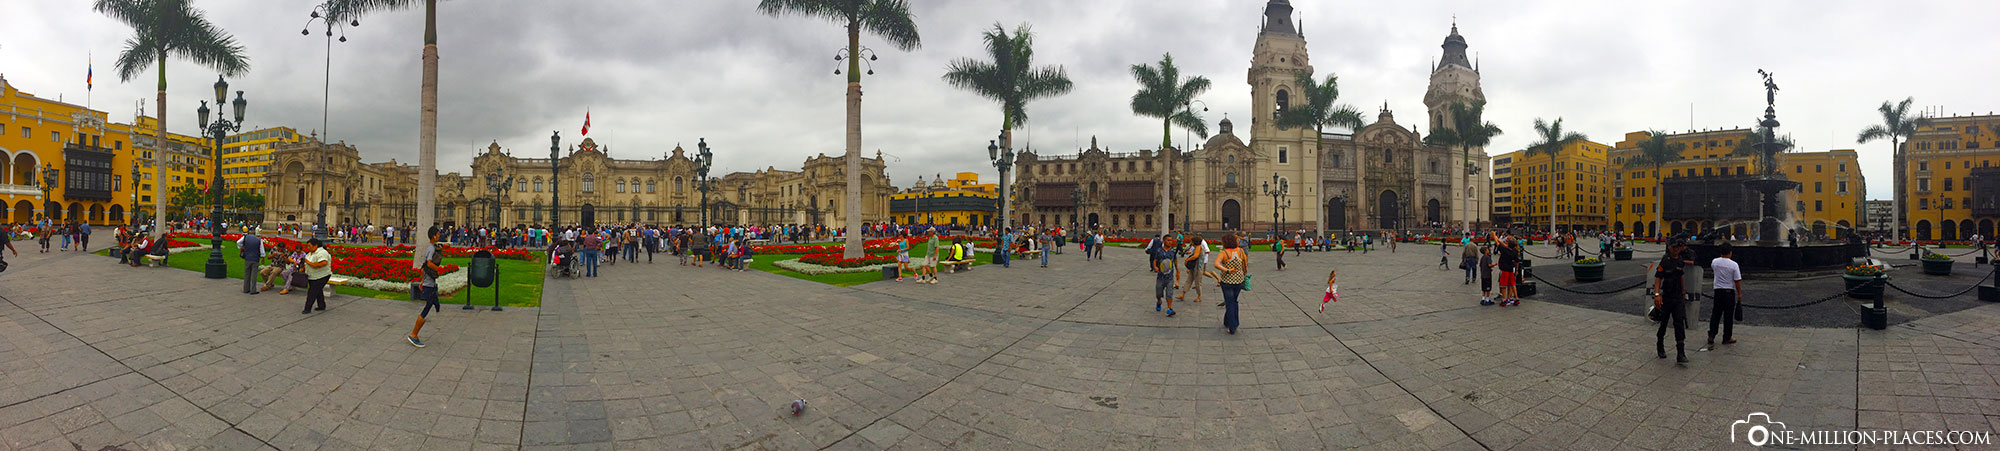 Panoramabild, Lima, Sehenswürdigkeiten, Auf eigene Faust, Peru, Reisebericht, Südamerika